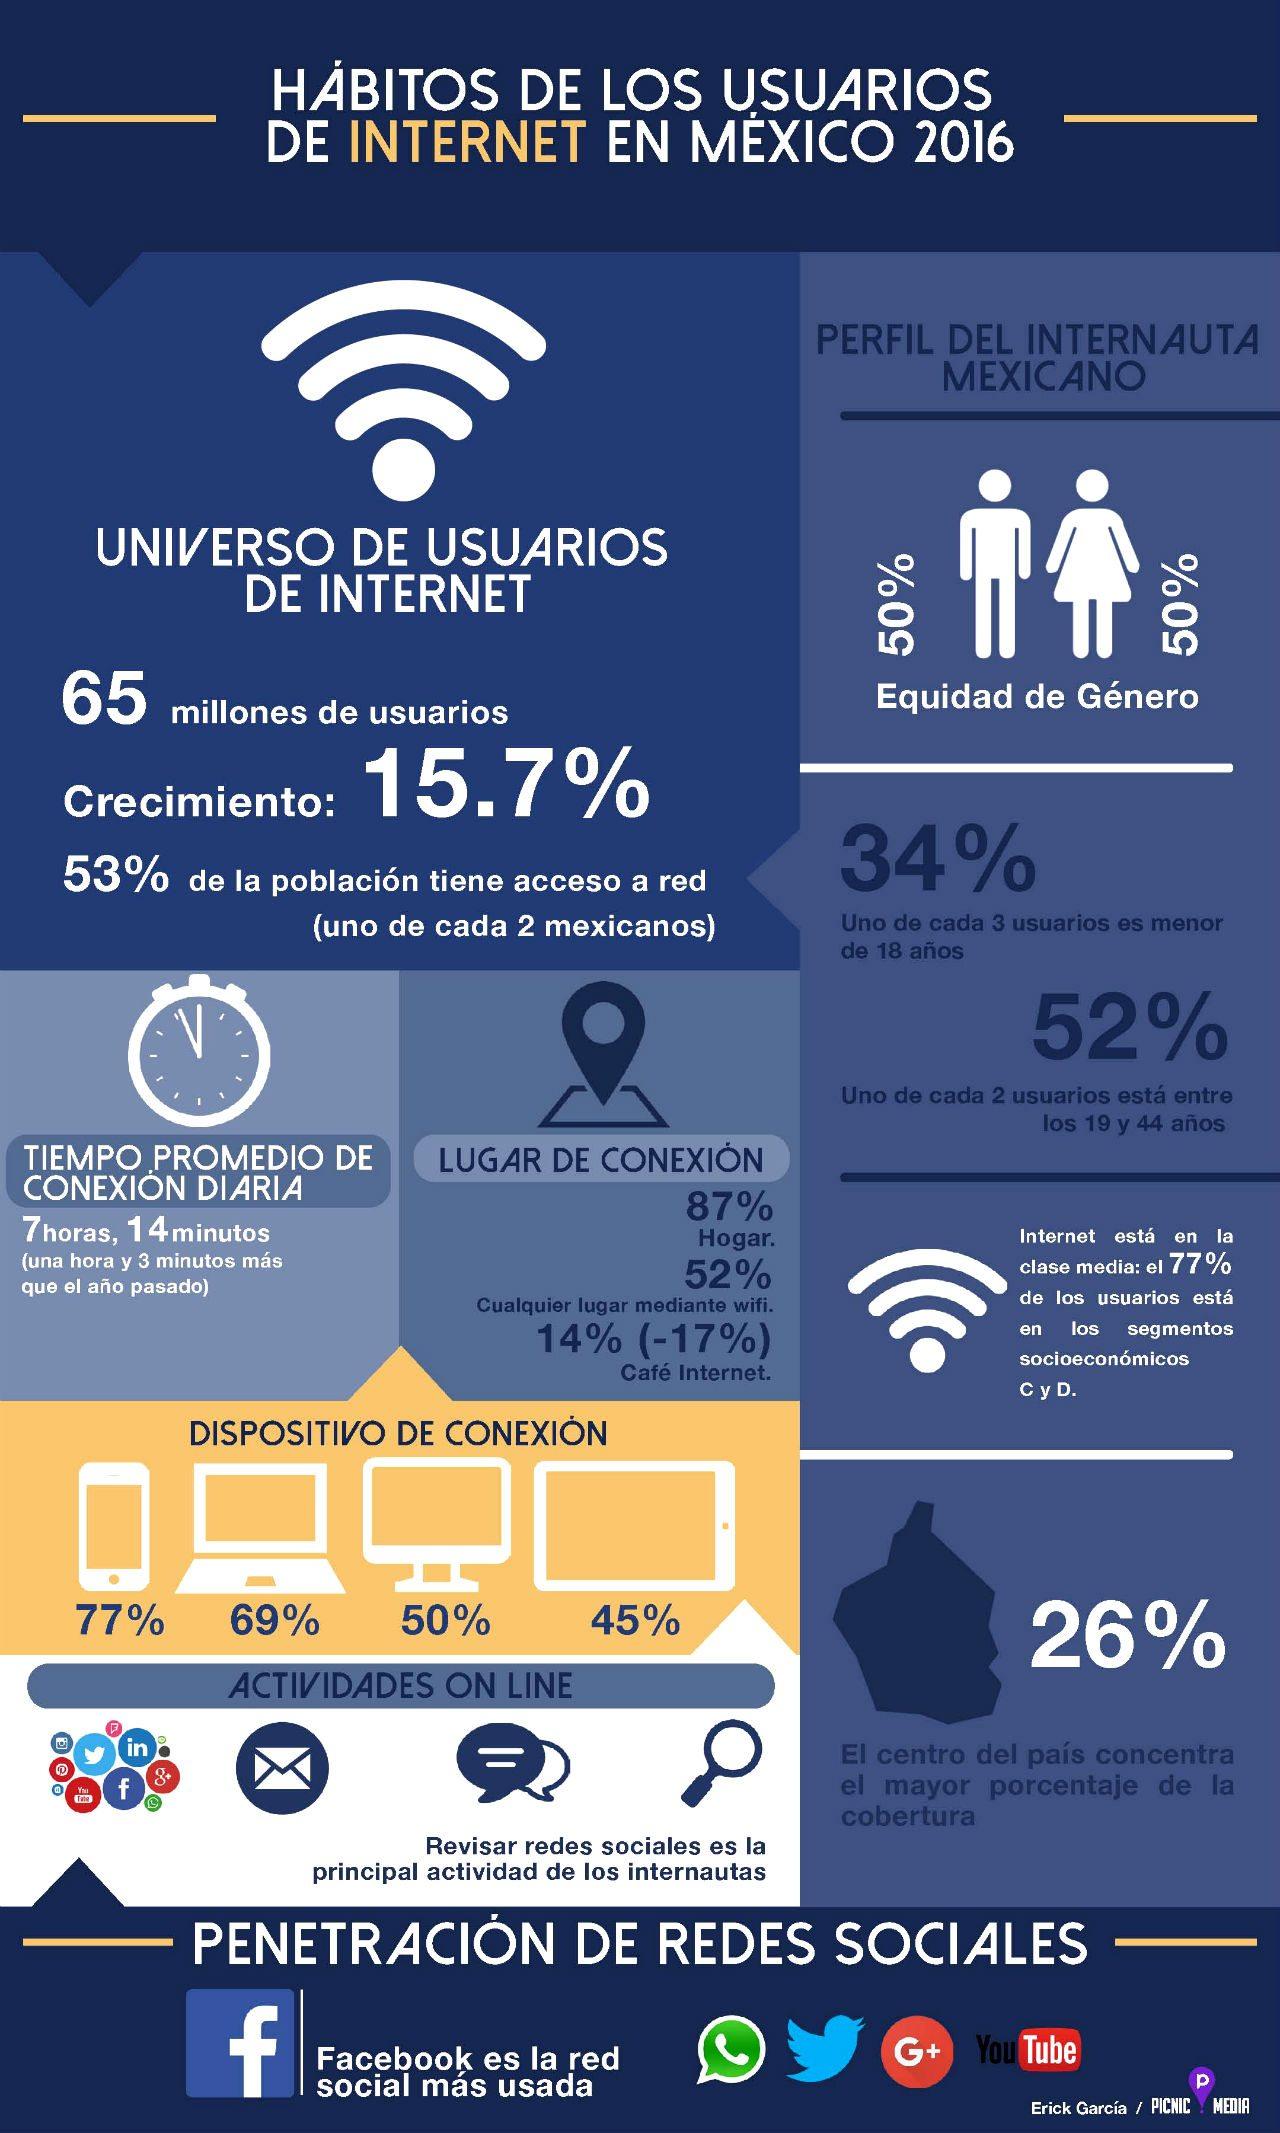 Hábitos de los usuarios de internet en México 2016